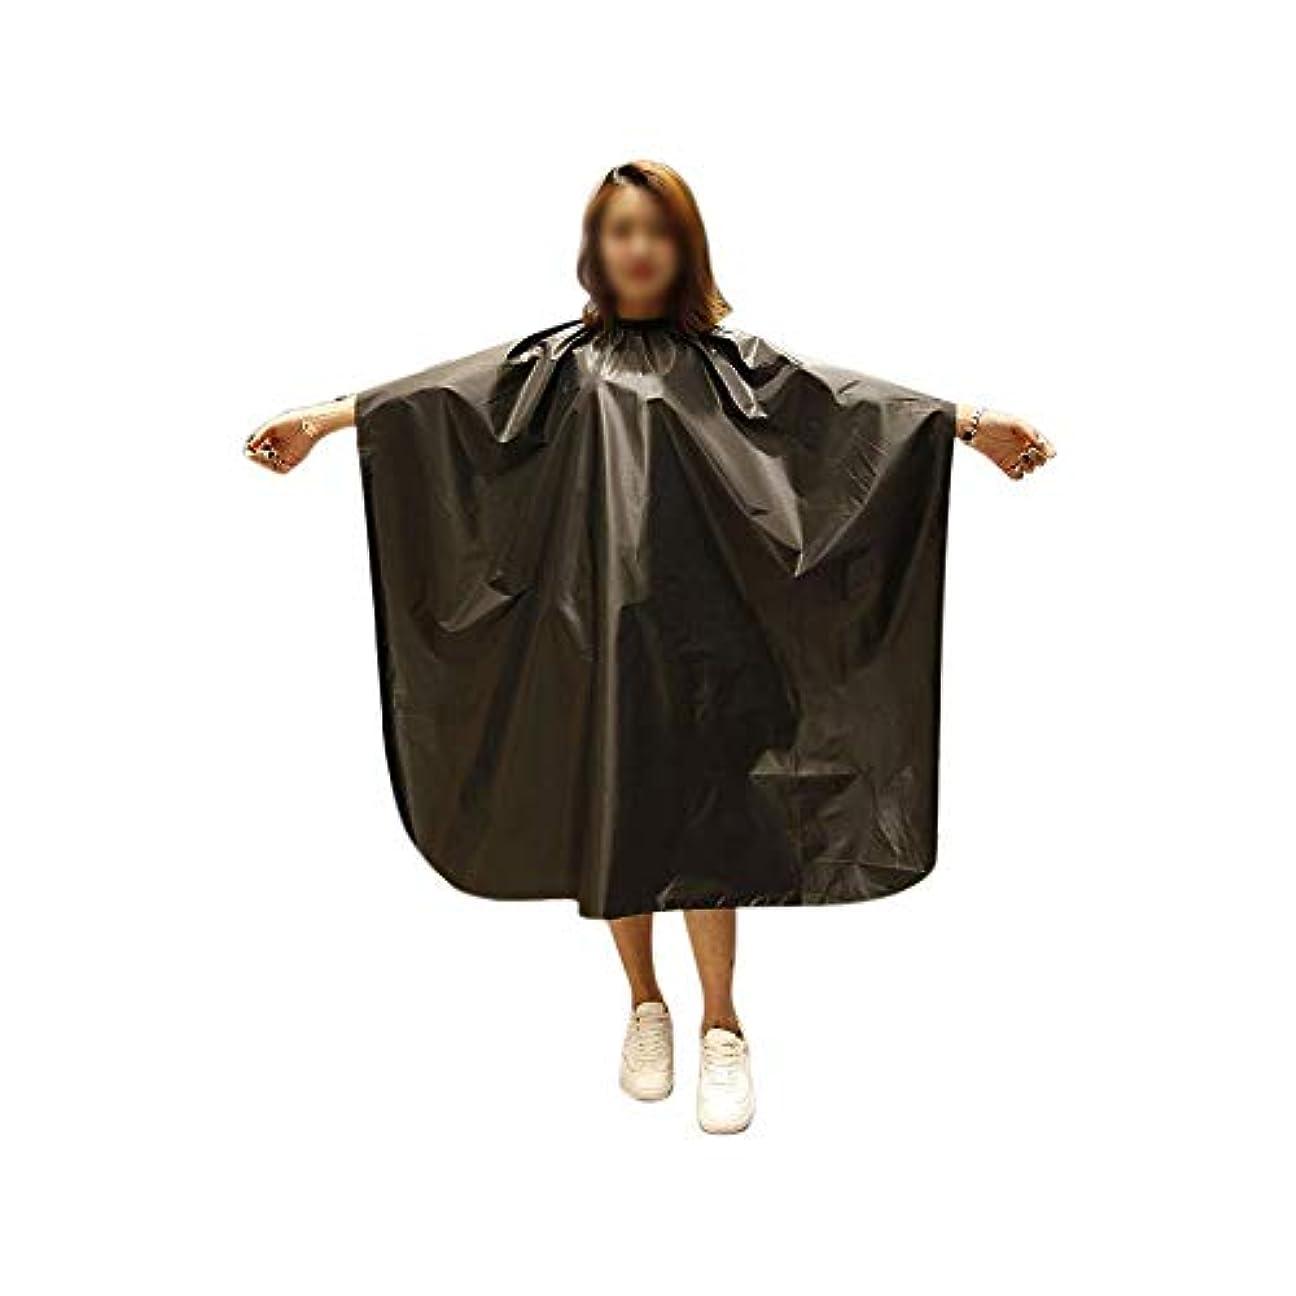 確立します提供回転させるLucy Day 防水サロン理容散髪ケープガウン美容院エプロンケープ